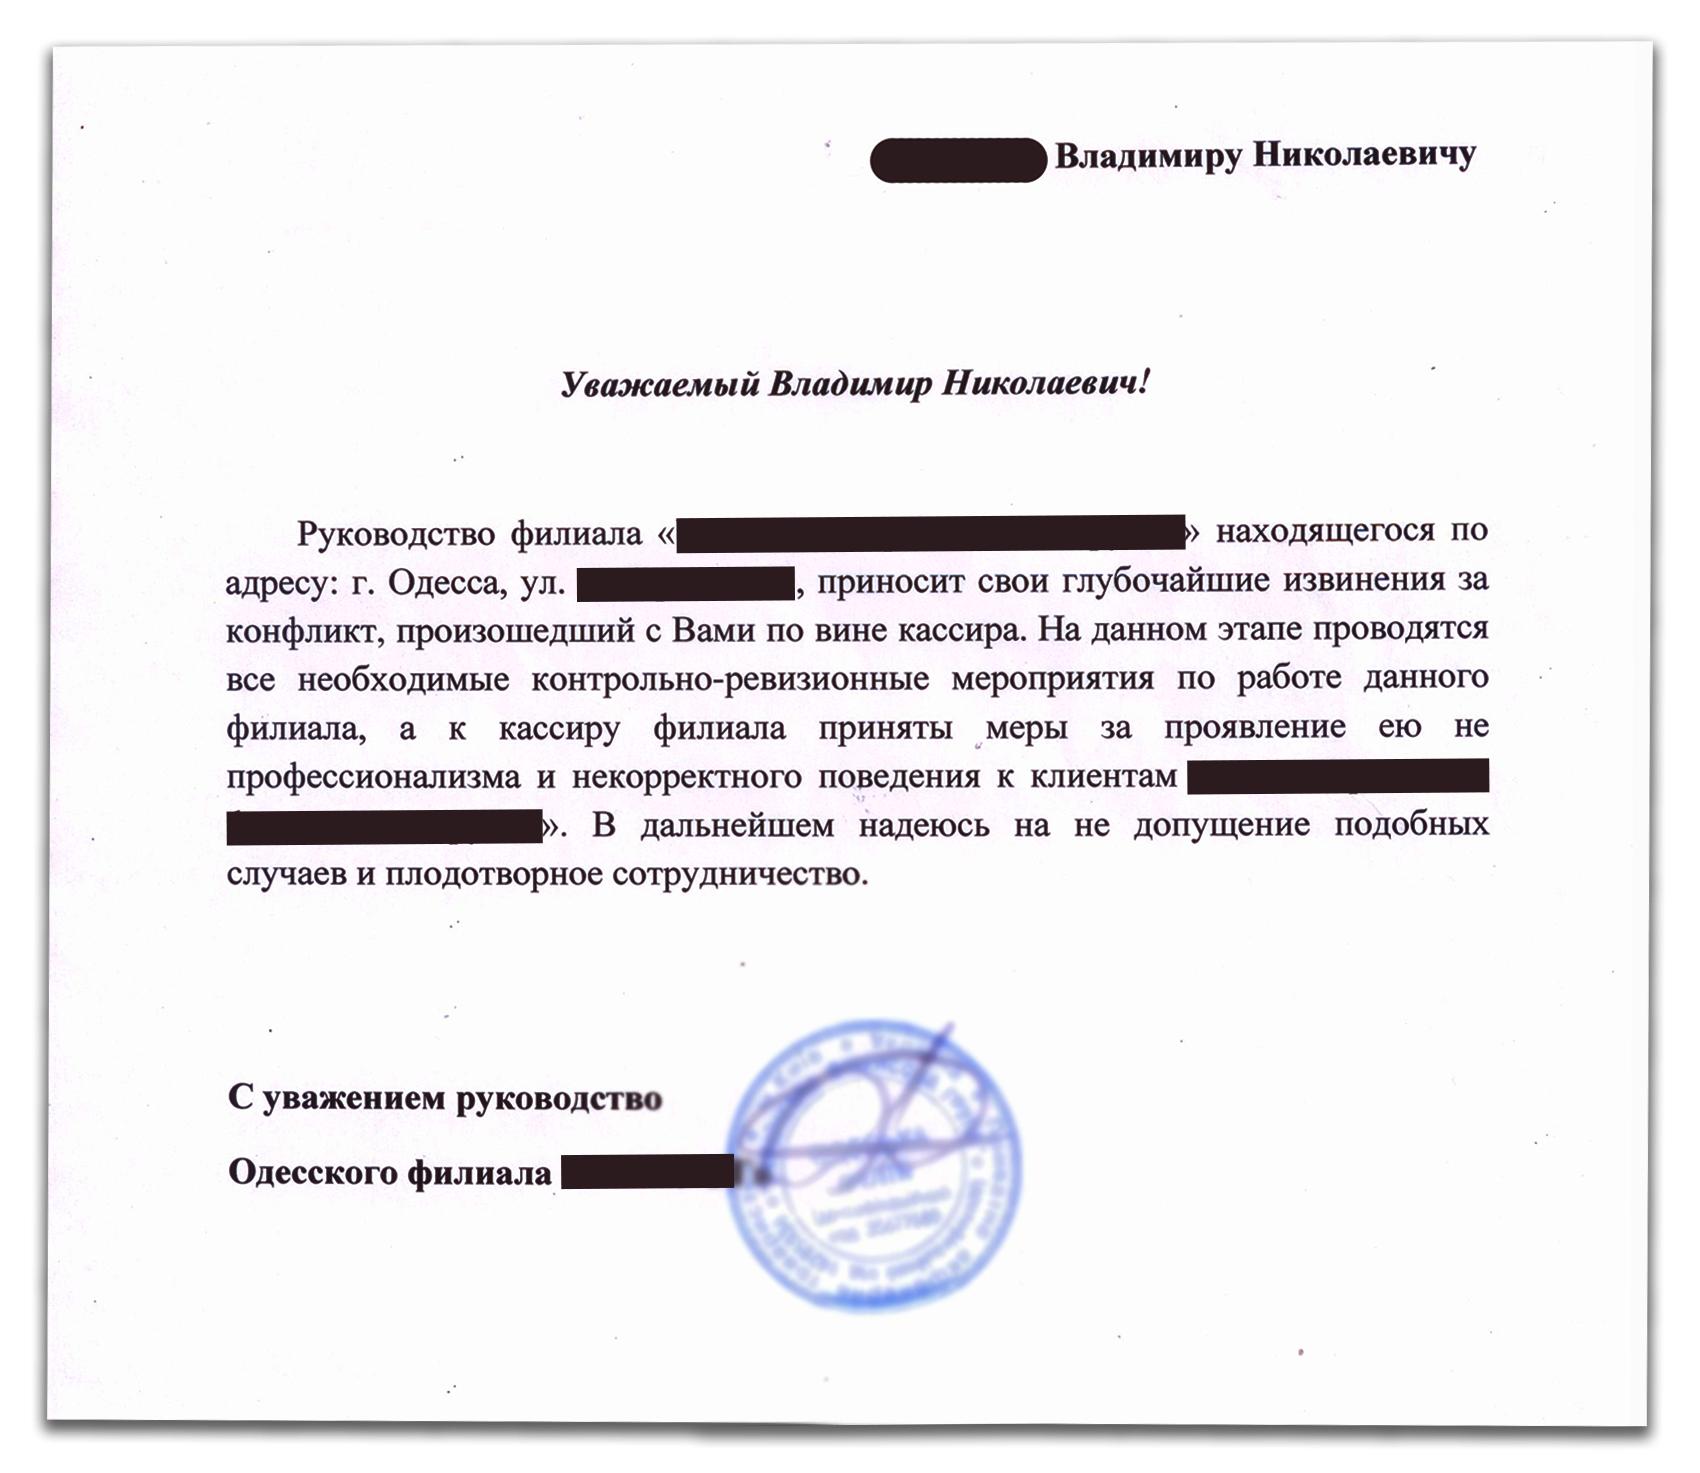 Образец письма извинение за приостановку производства